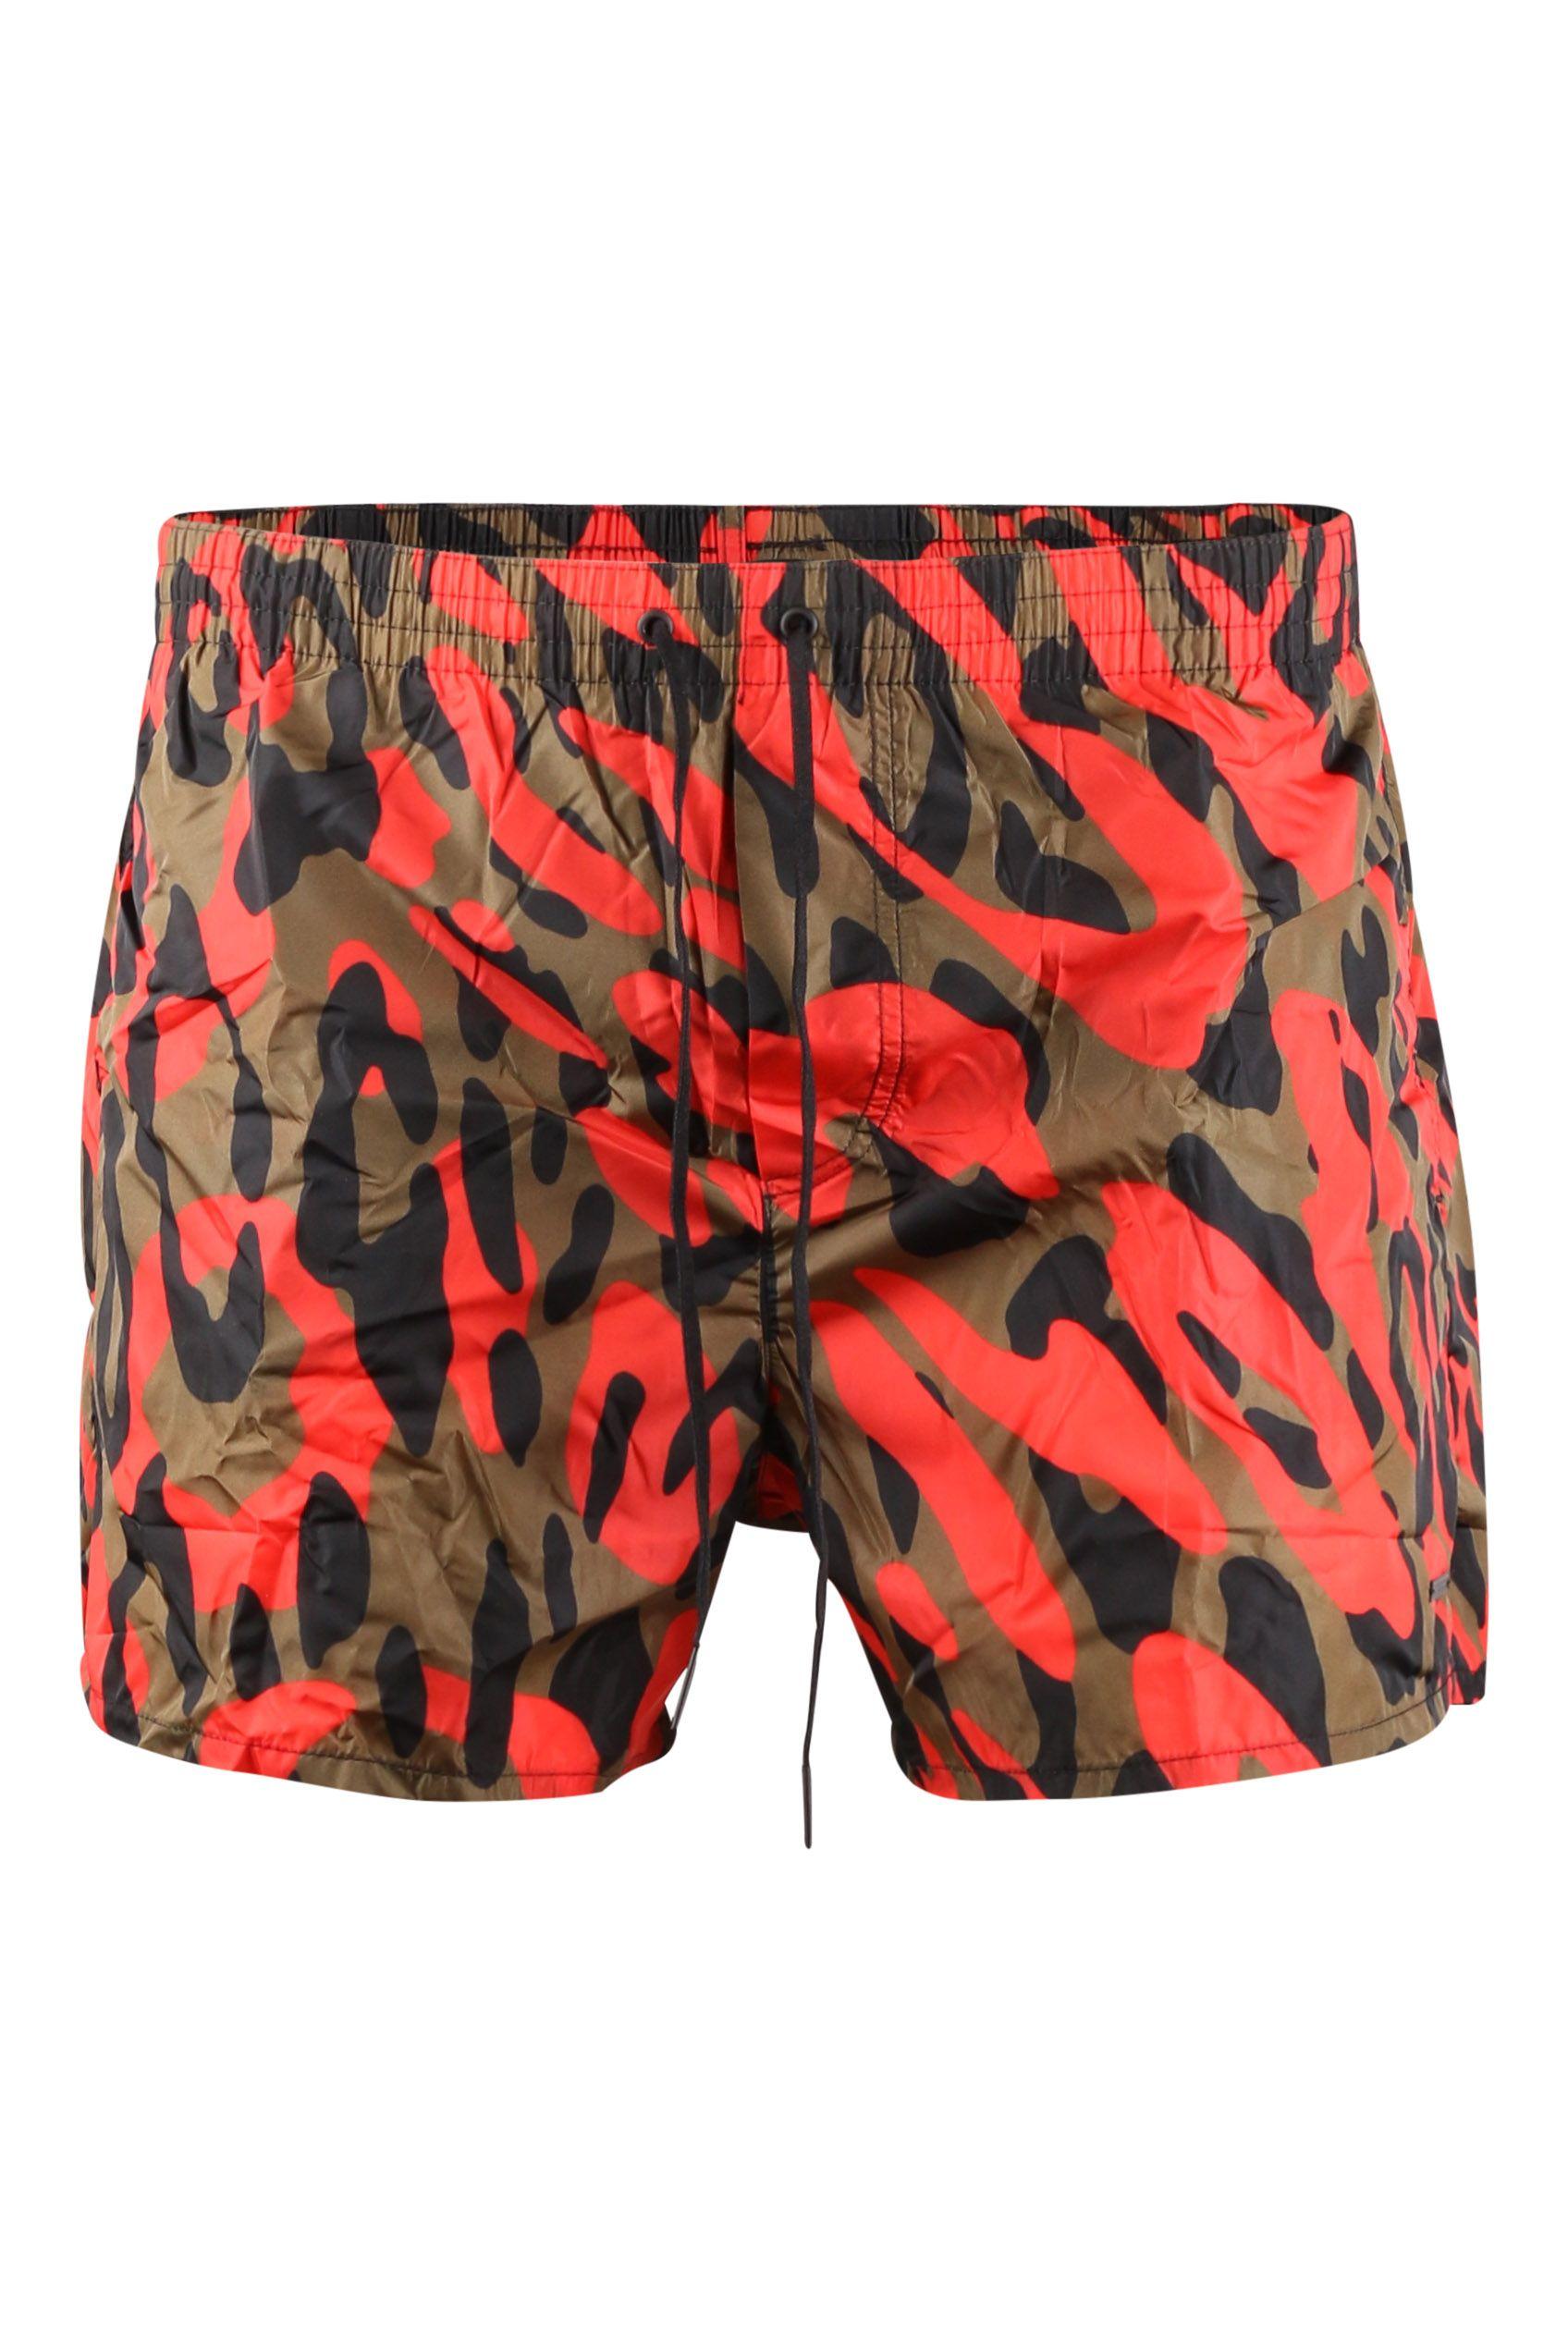 Zwembroek Short Heren.Dsquared2 D7b641400 Zwembroek Oranje Camouflage Winkelen In